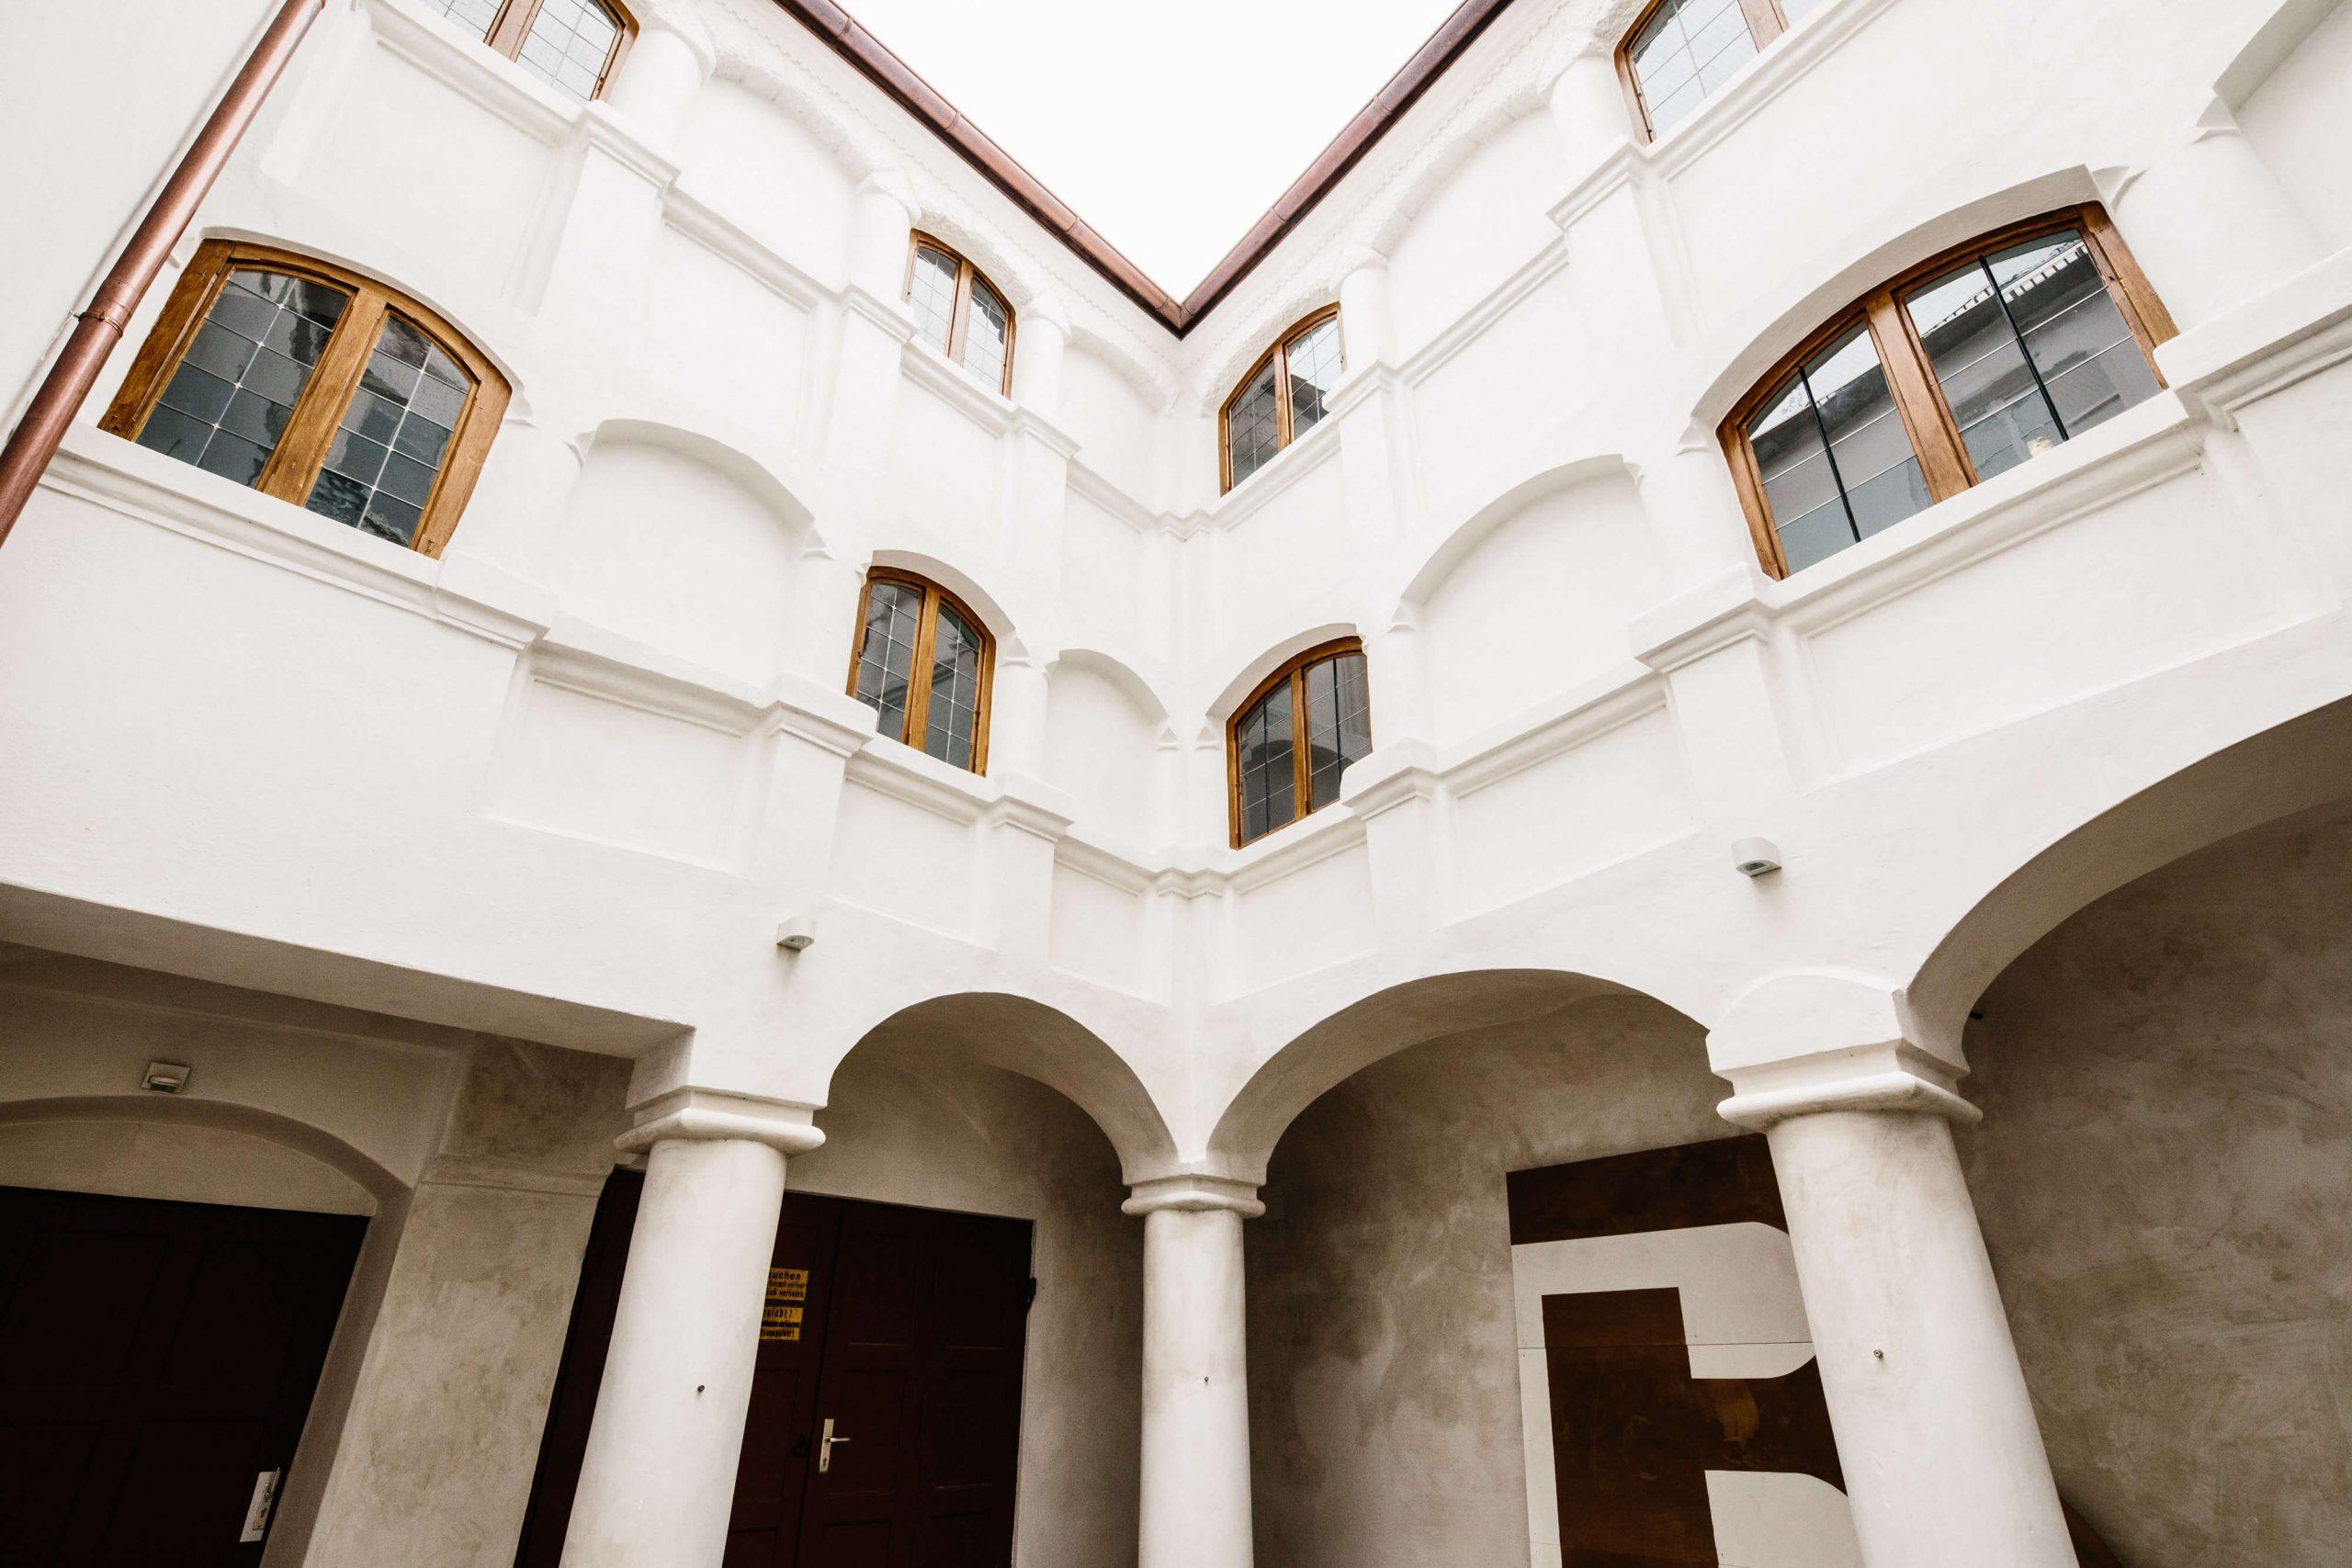 Der durch barocke Fassaden gekennzeichnete Innenhof bietet Tageslicht für die Kanzleiräume und darüber hinaus den idealen Rahmen für unsere Kanzleiveranstaltungen.